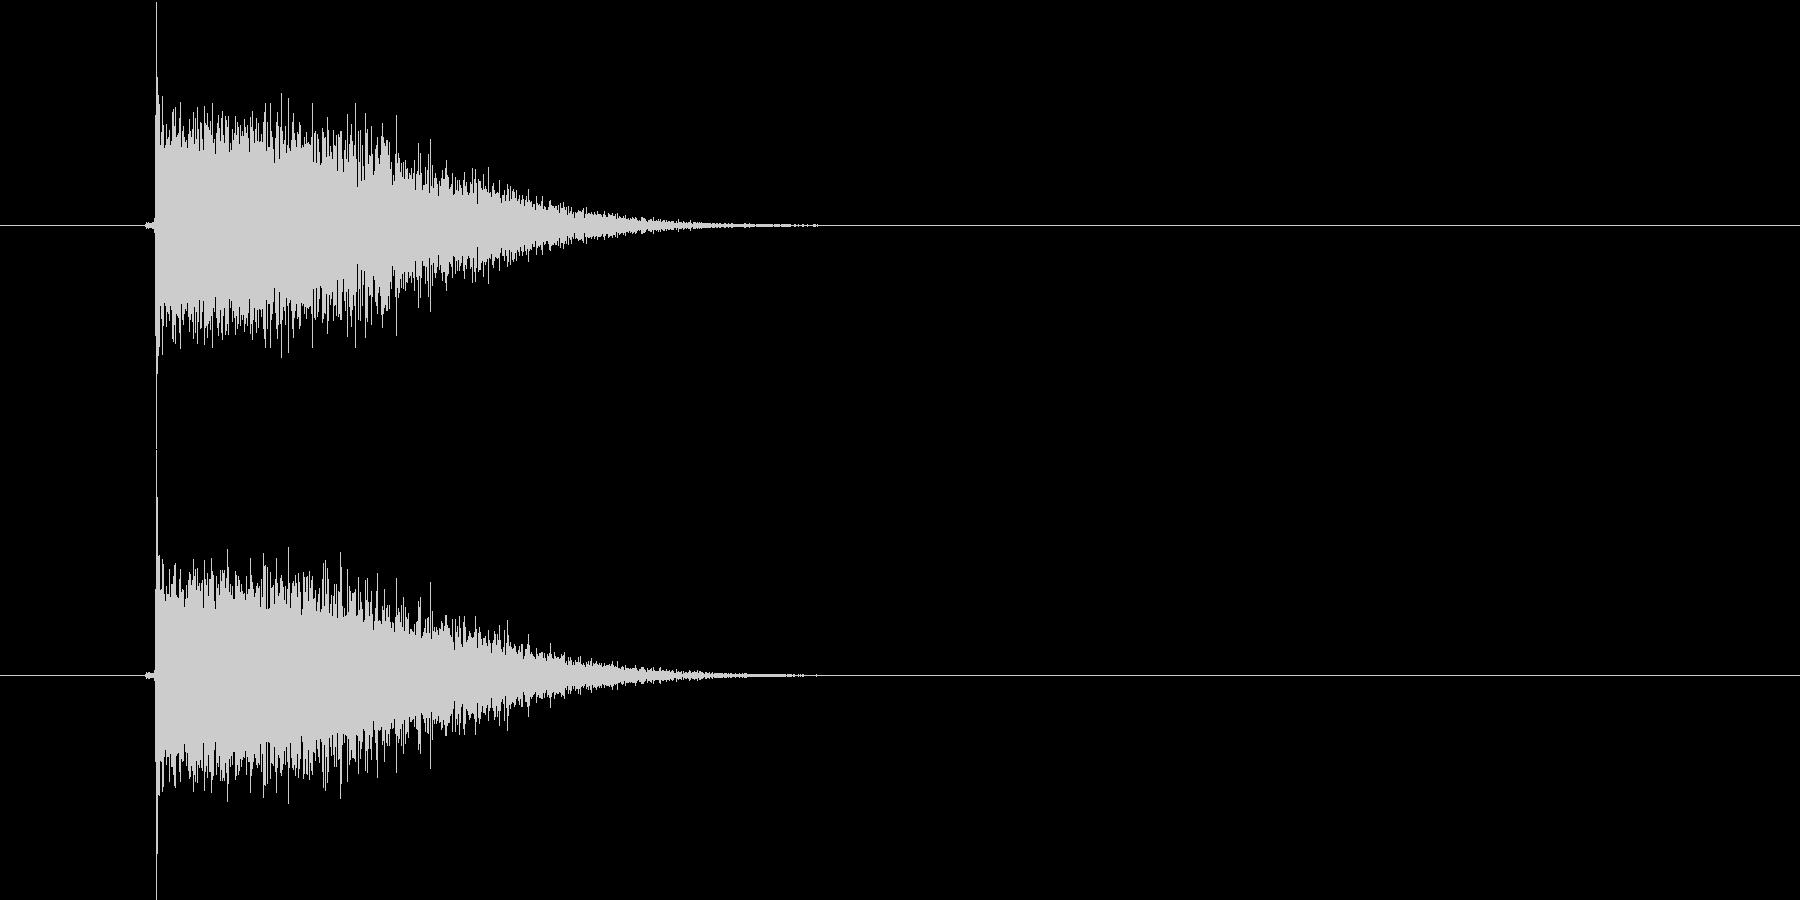 スピード感があるプシューという発射音の未再生の波形